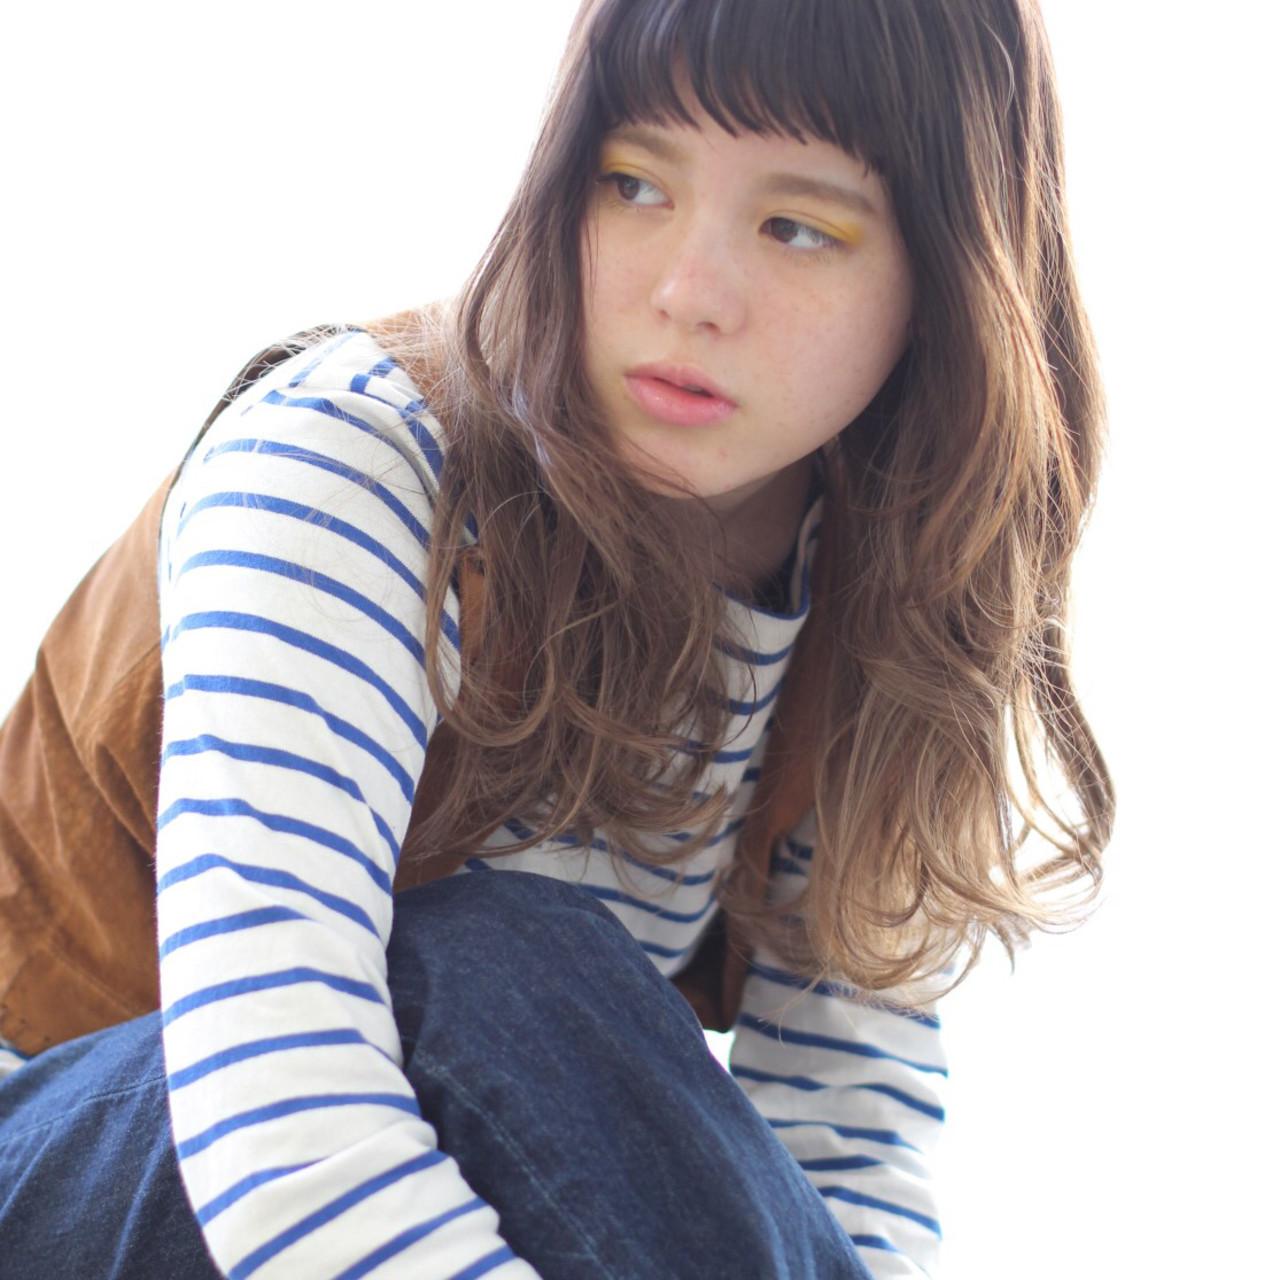 オン眉 コントラストハイライト セミロング 外国人風フェミニン ヘアスタイルや髪型の写真・画像